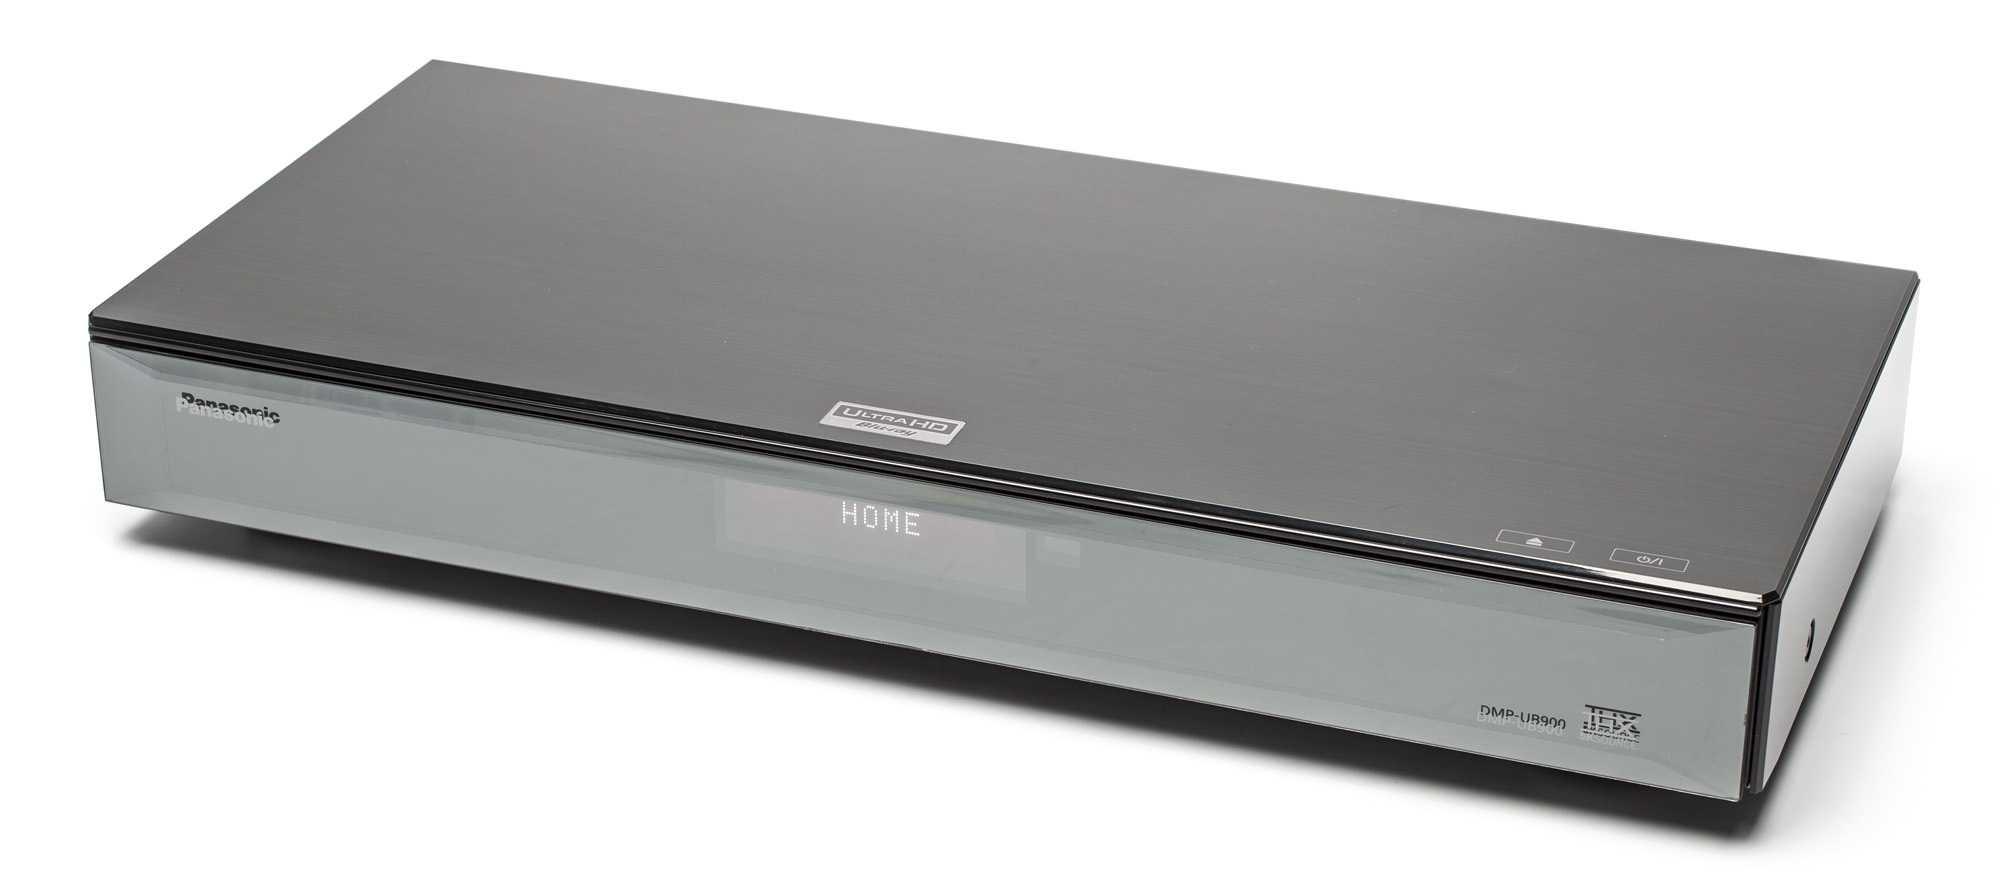 Der Standalone-Player von Panasonic (hier das Modell DMP-UB900) bieten ein Display, das Modell von Samsung nicht.